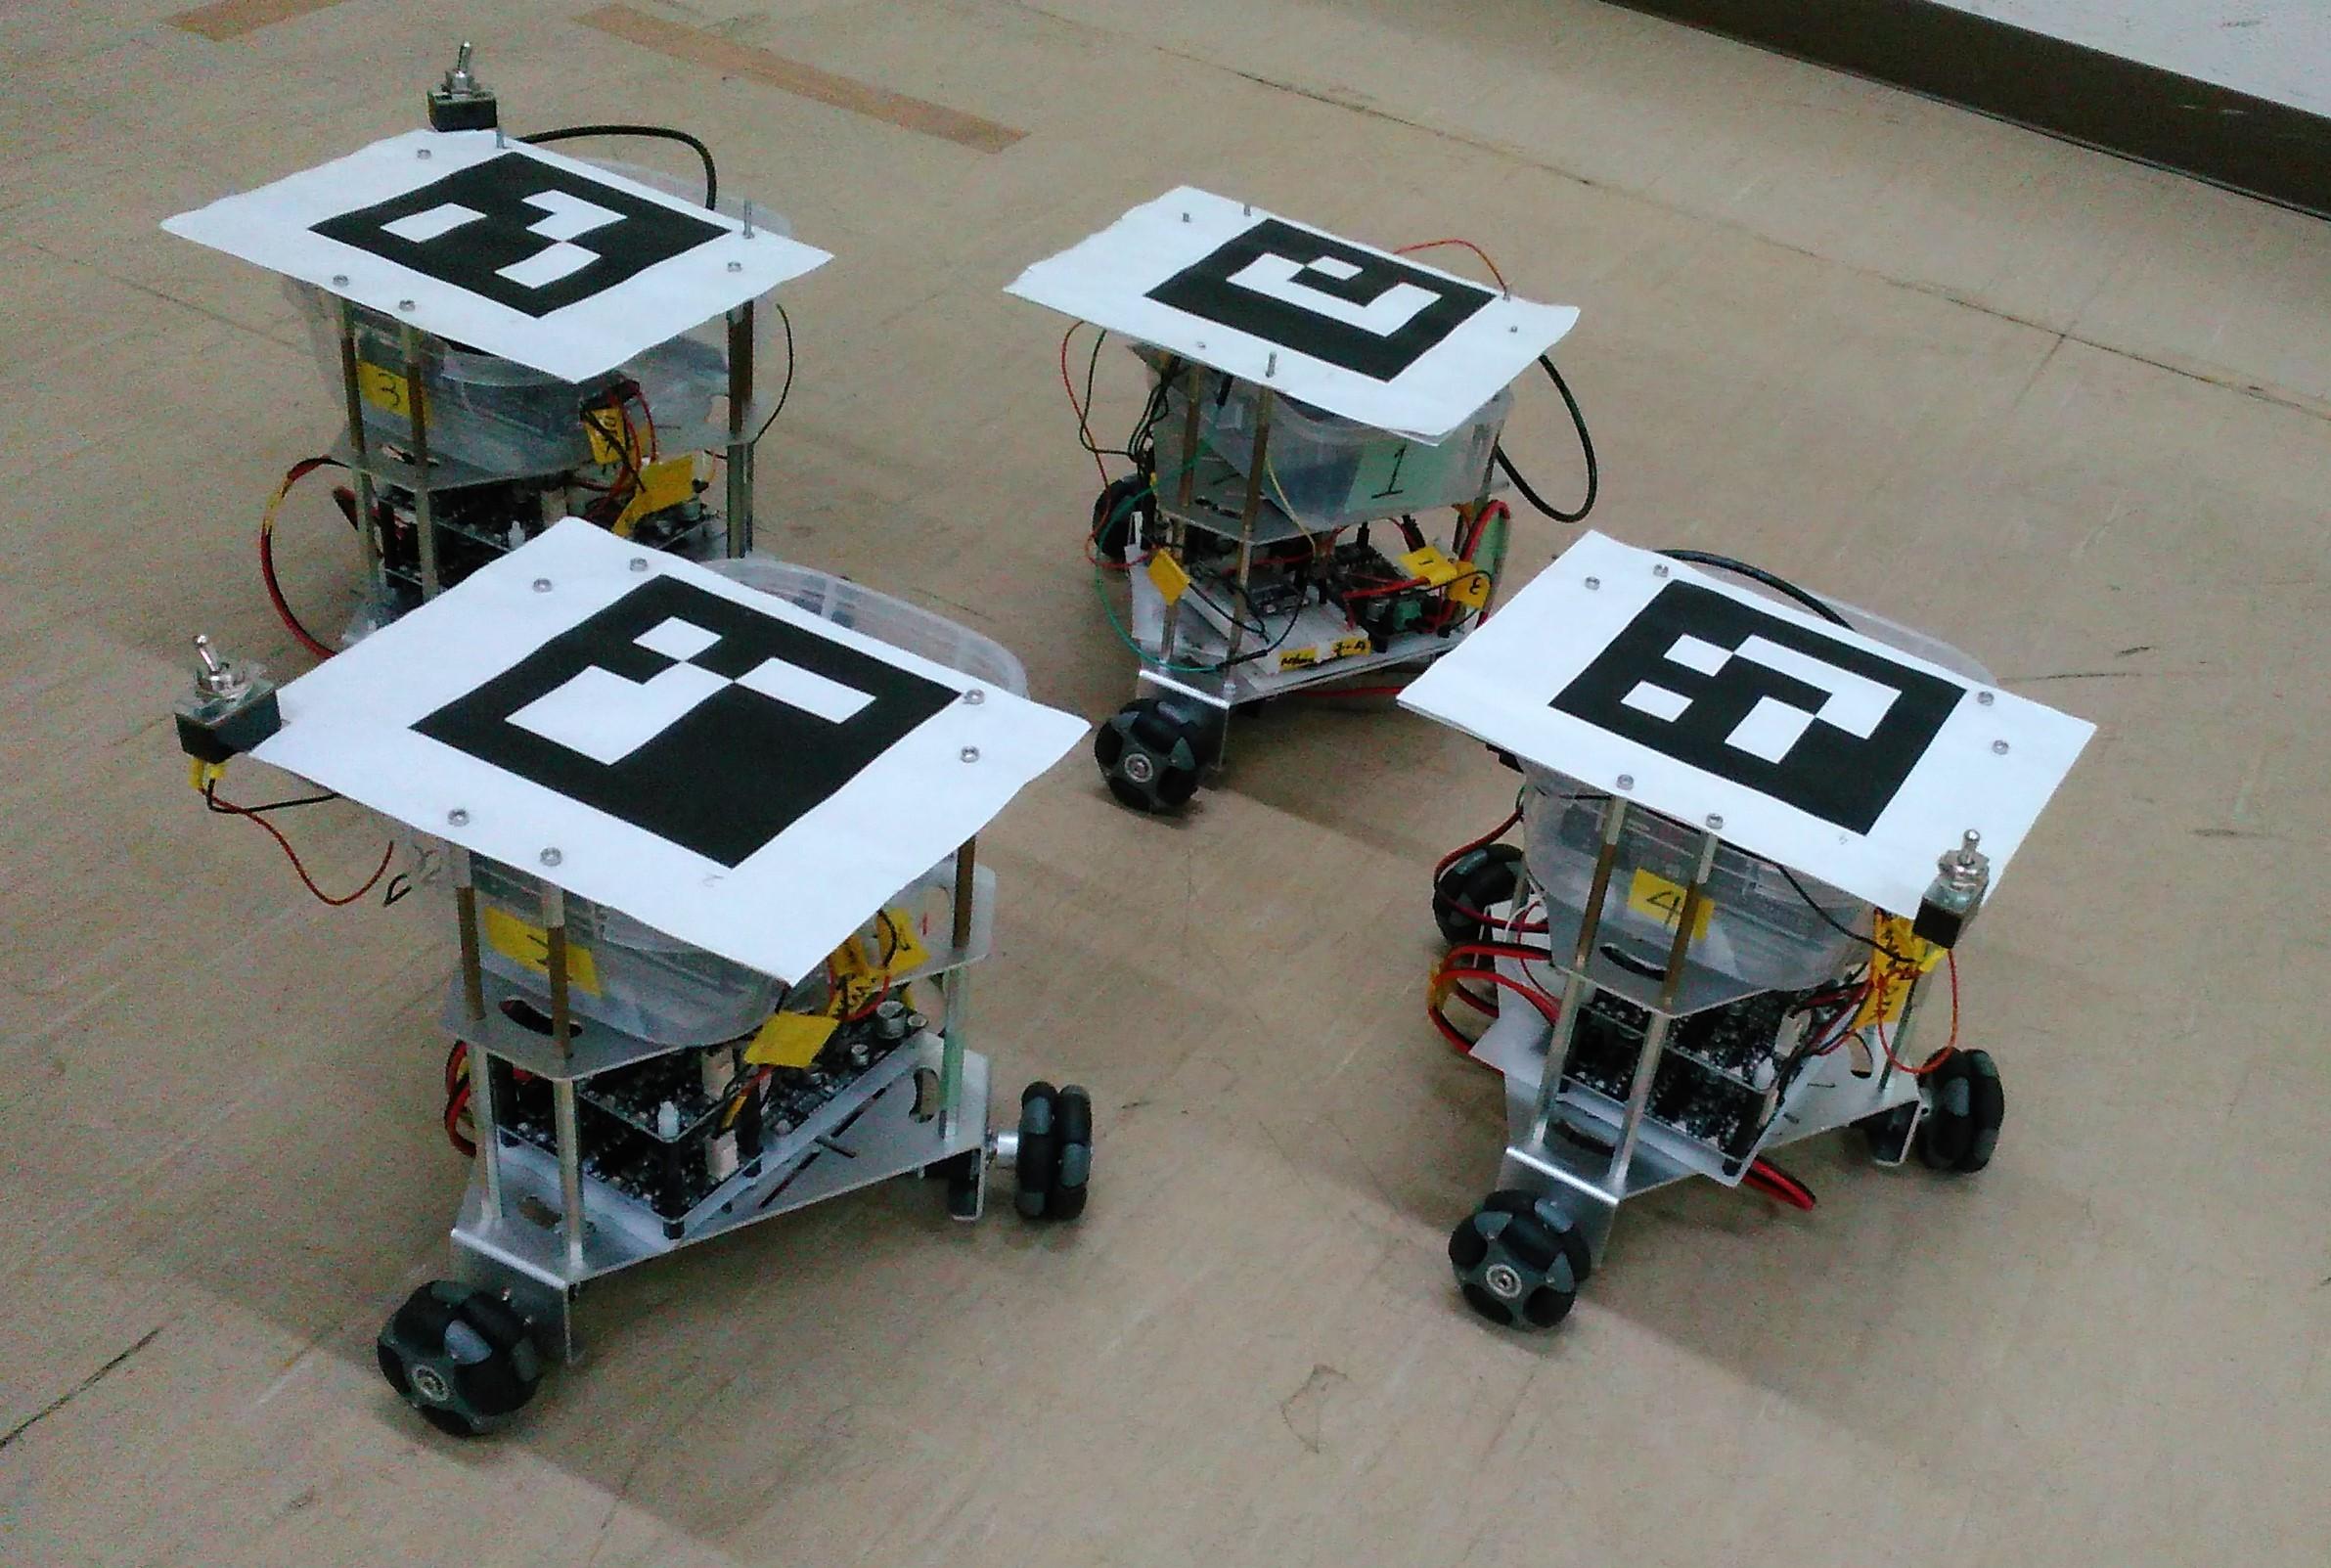 フォーメーション走行するロボット群